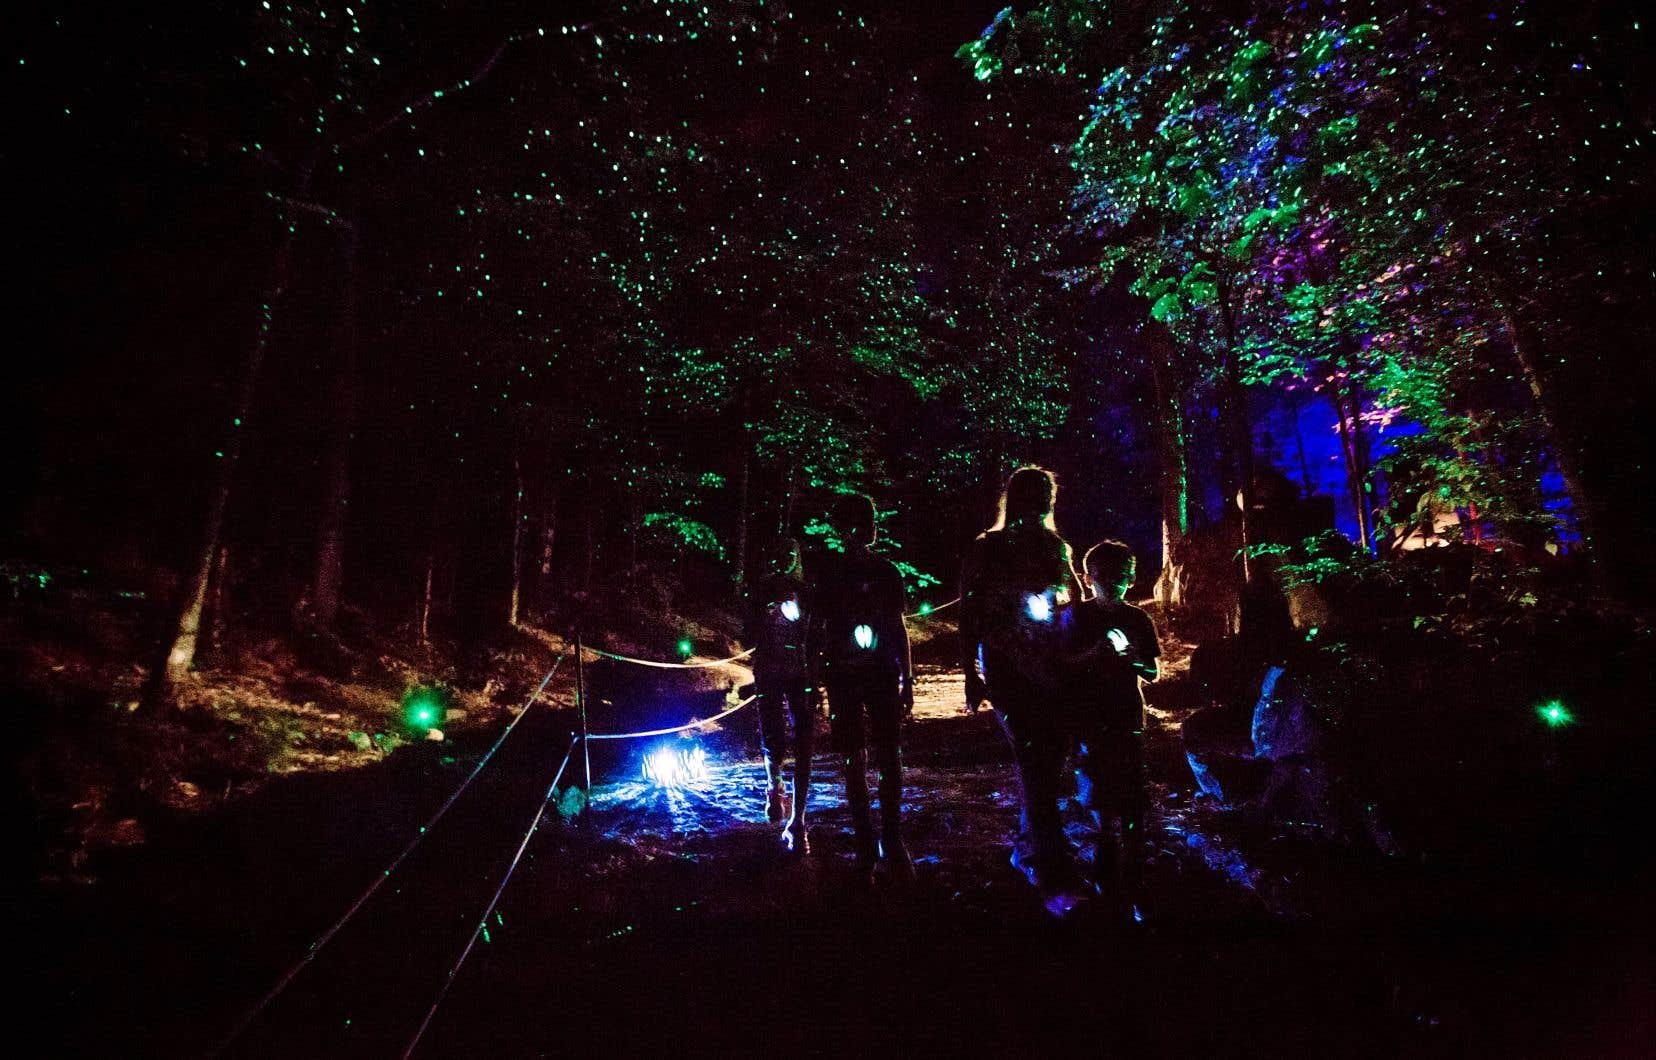 Grâce au travail de Moment Factory, la forêt s'illumine et les arbres étincellent, laissant le visiteur sentir sa petitesse au sein de la nature.